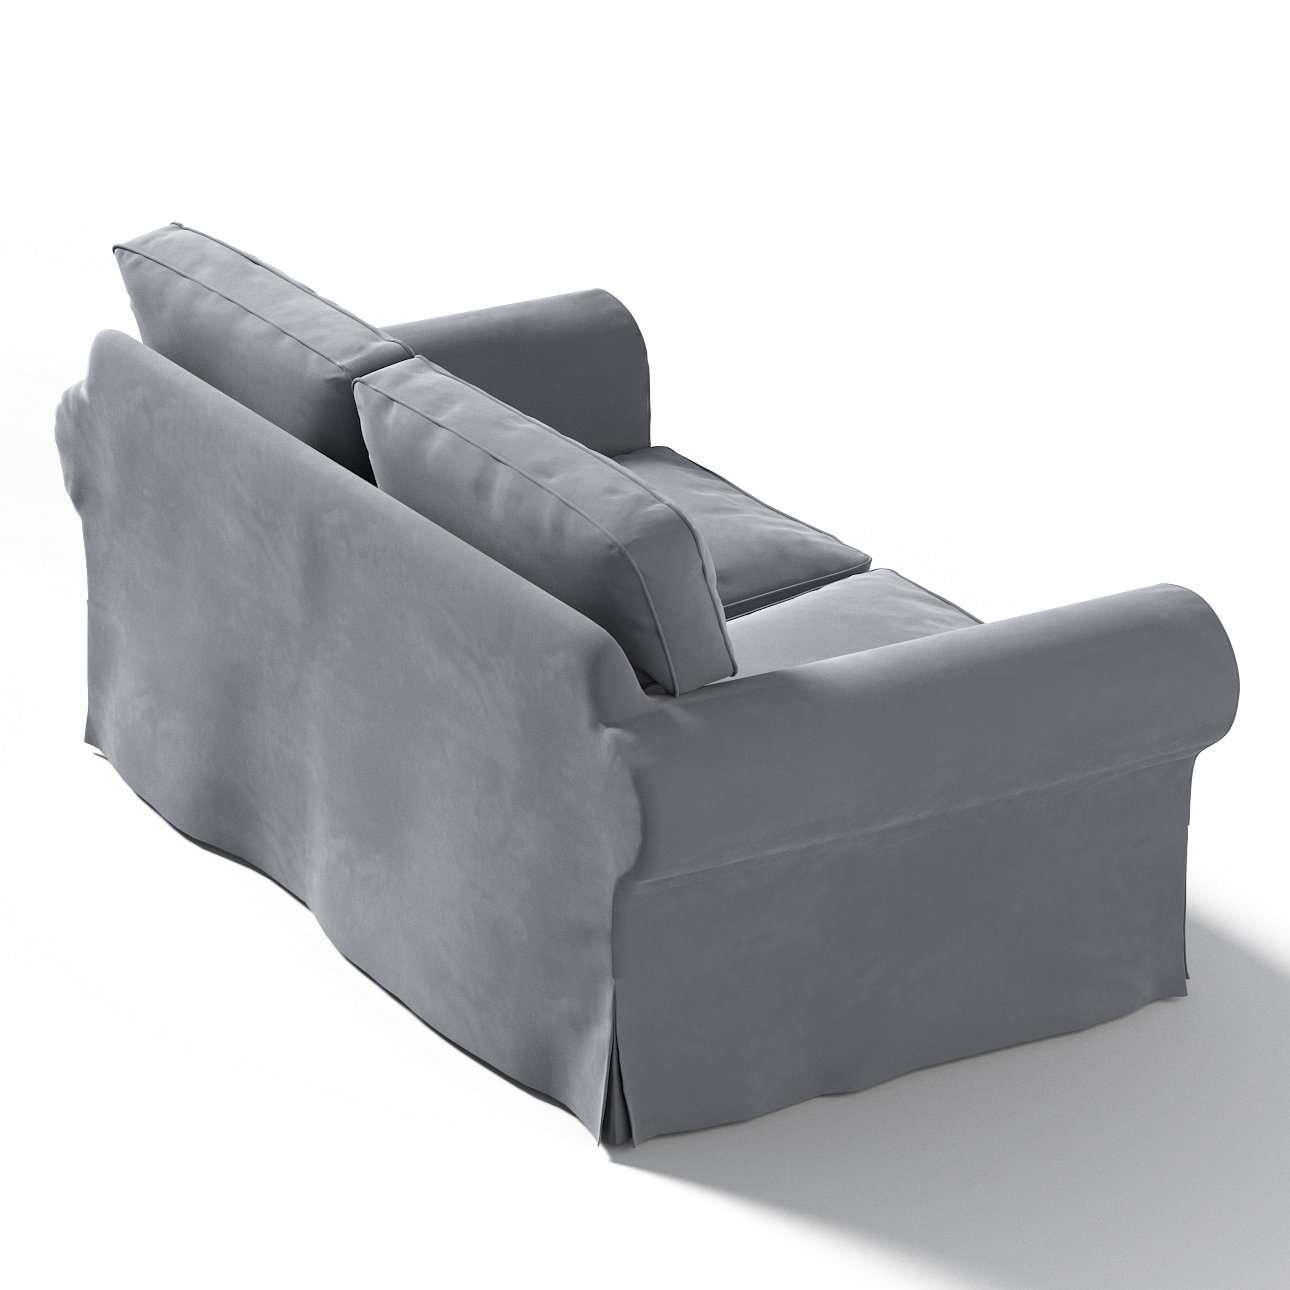 Pokrowiec na sofę Ektorp 2-osobową, nierozkładaną w kolekcji Velvet, tkanina: 704-12